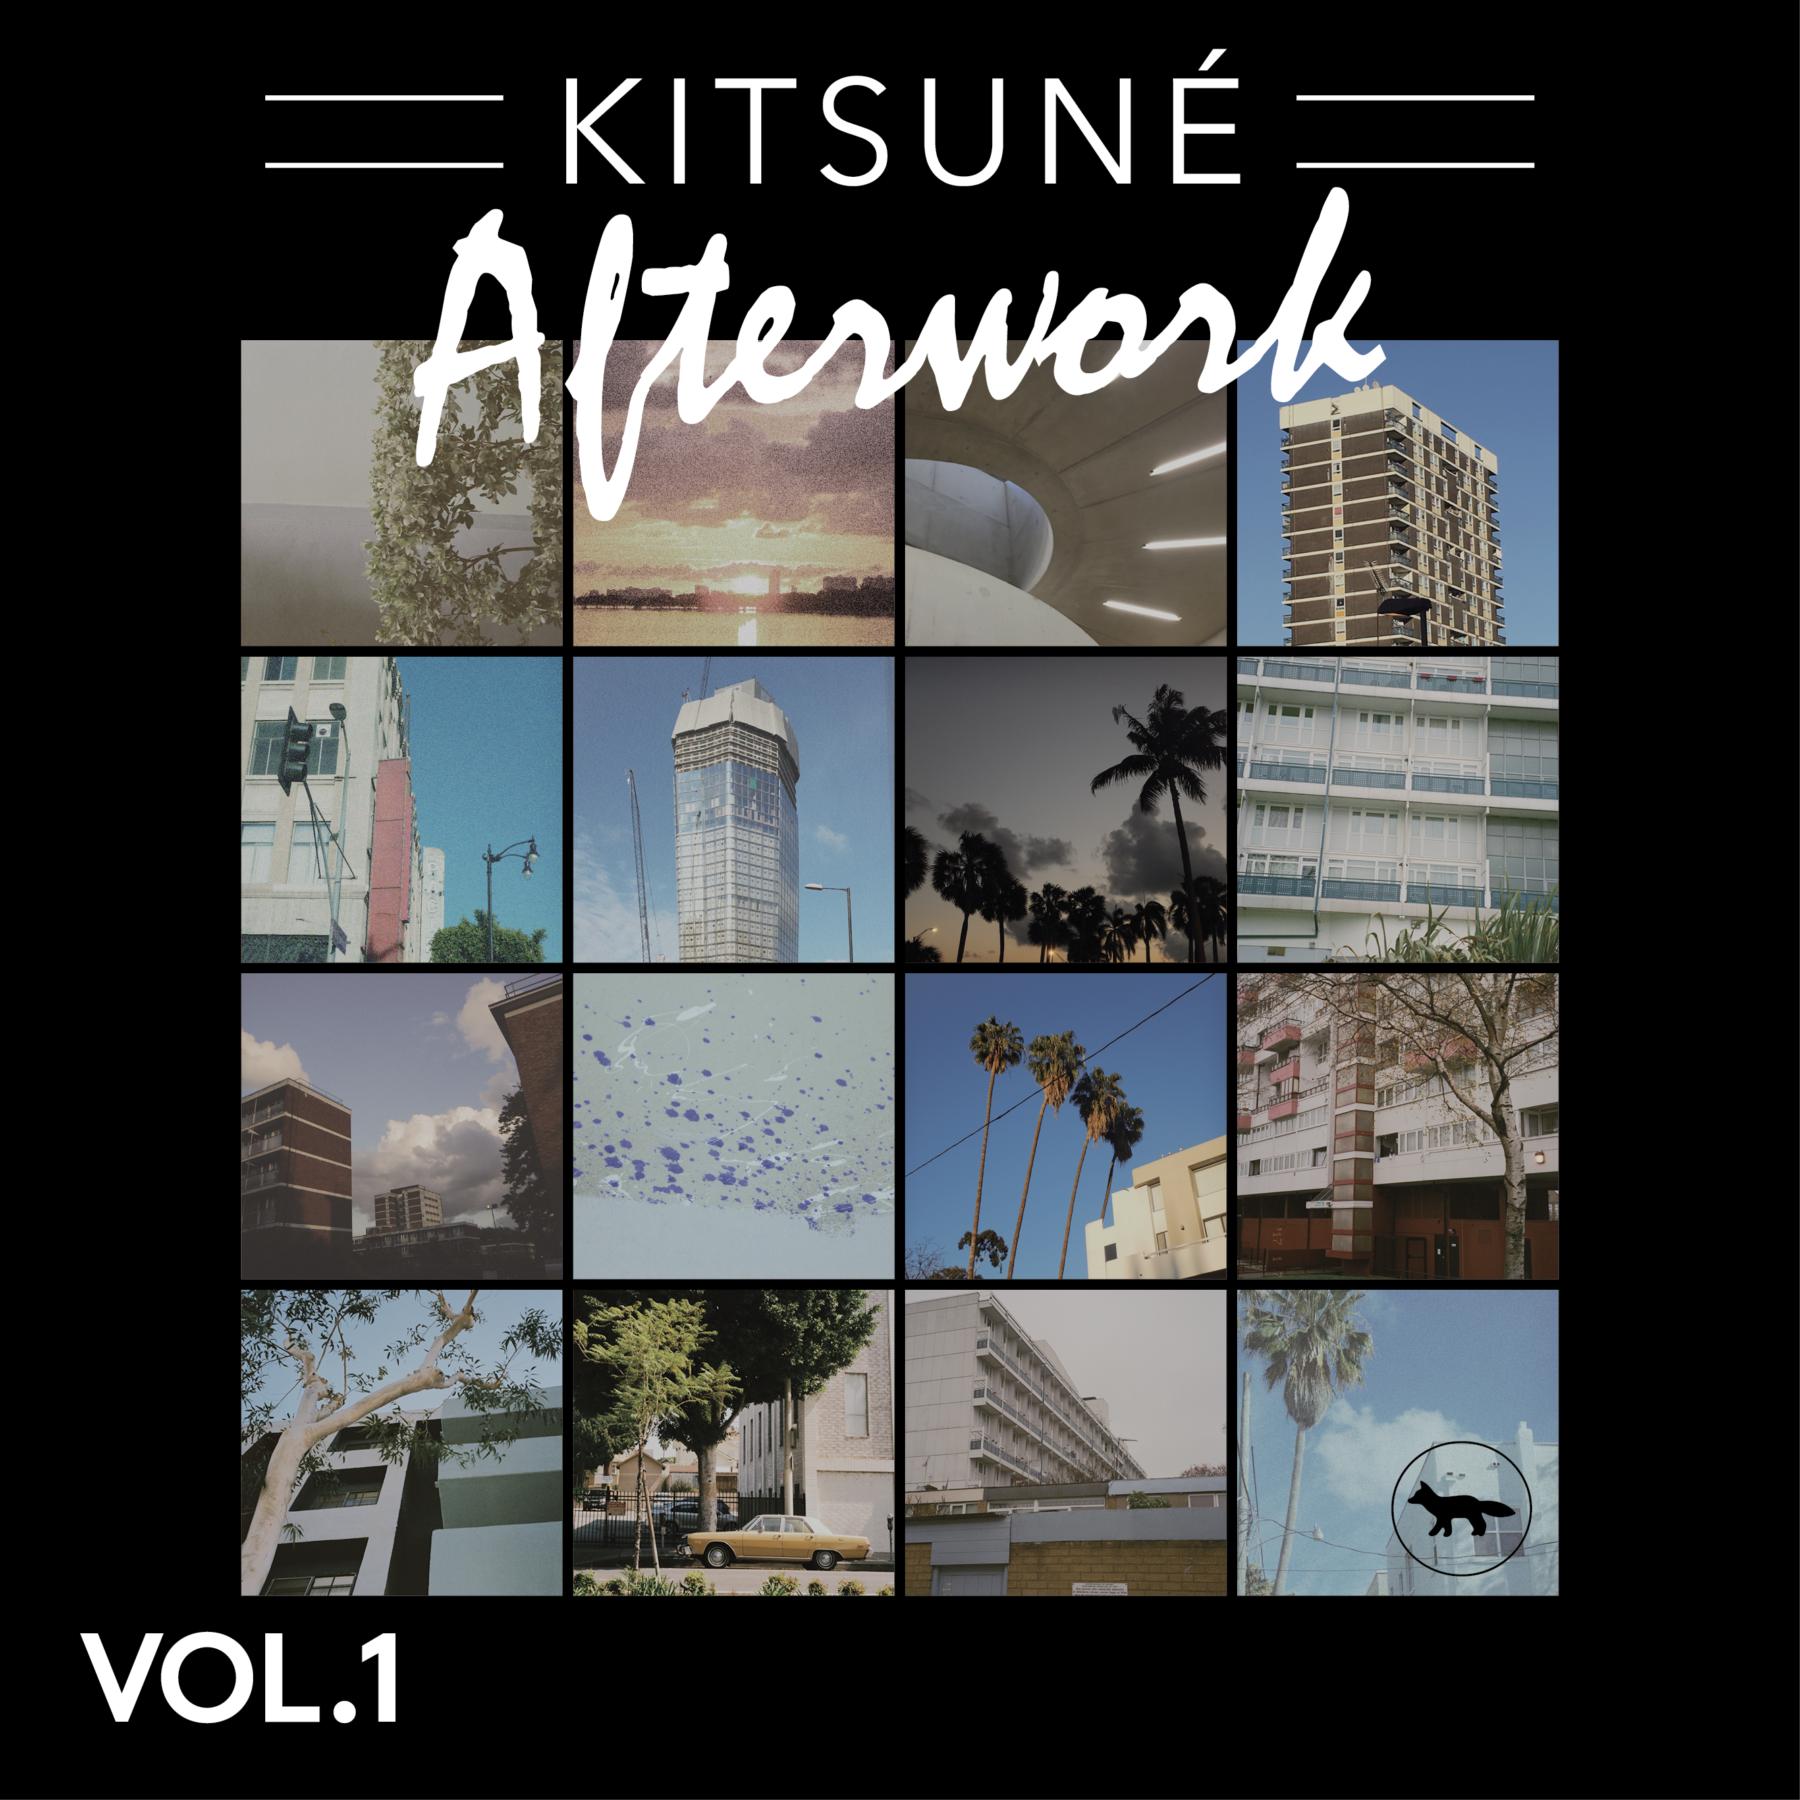 Kitsuné Afterwork